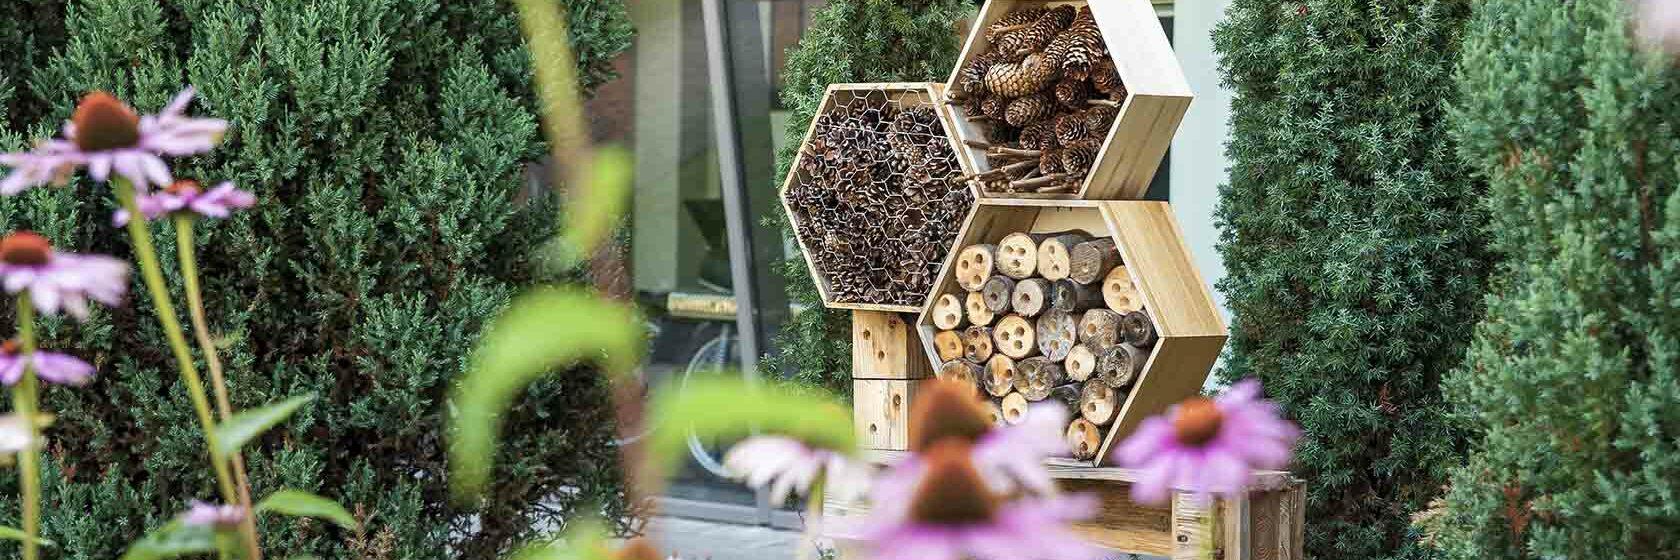 Insectenhotel in tuin met beplanting en bloemen